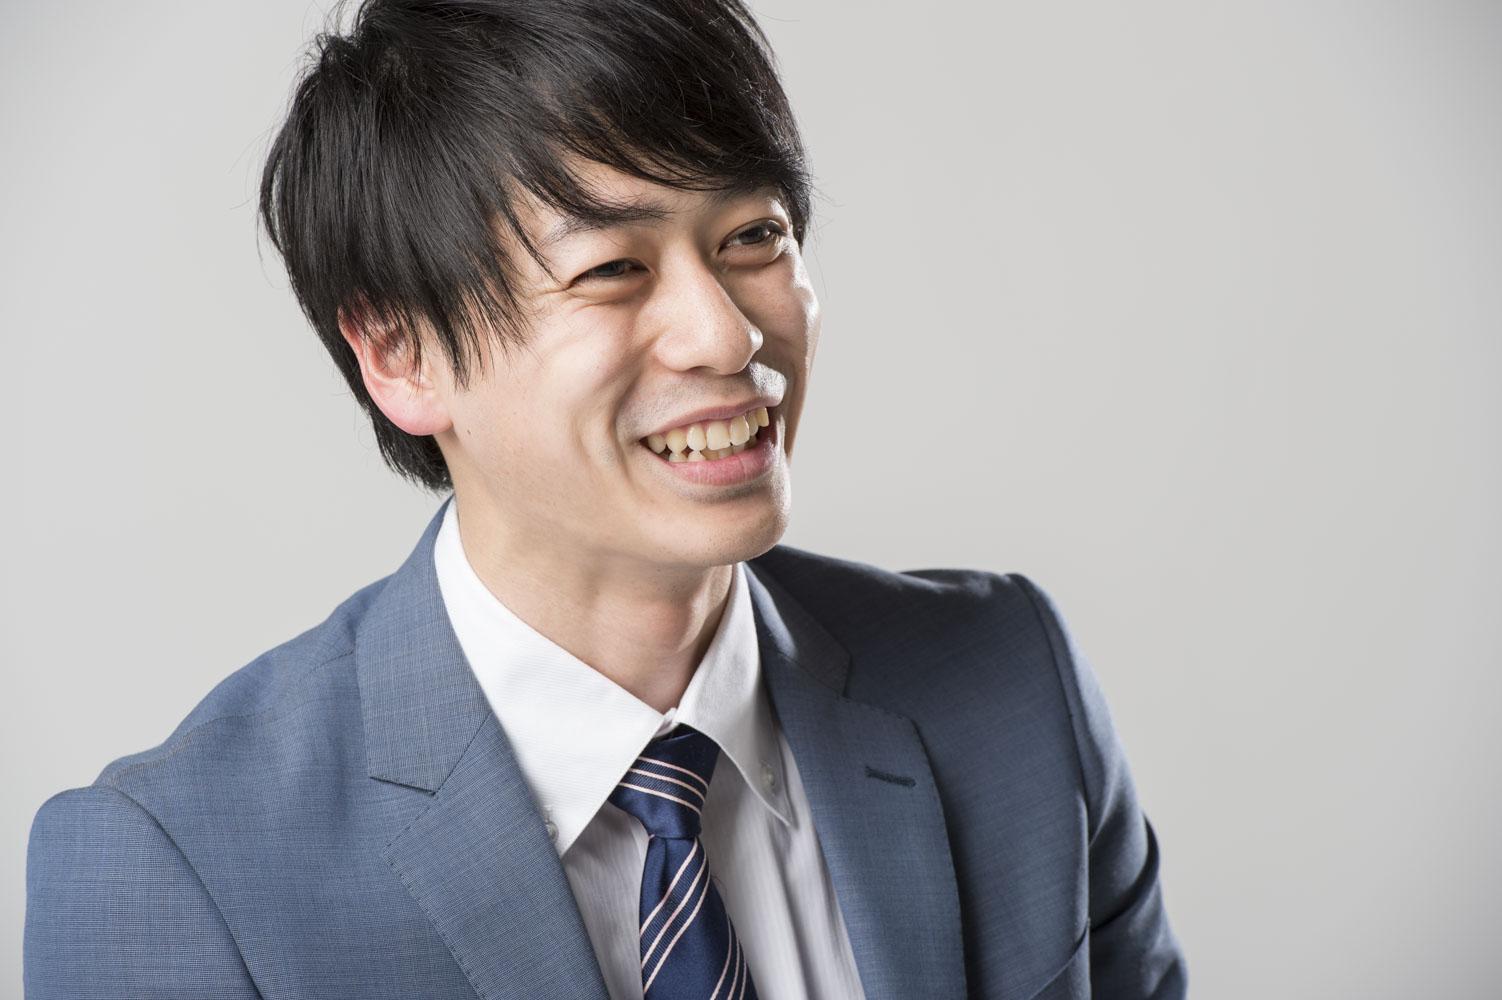 笑顔がチャームポイントの清家選手。はにかむ笑顔も可愛い!